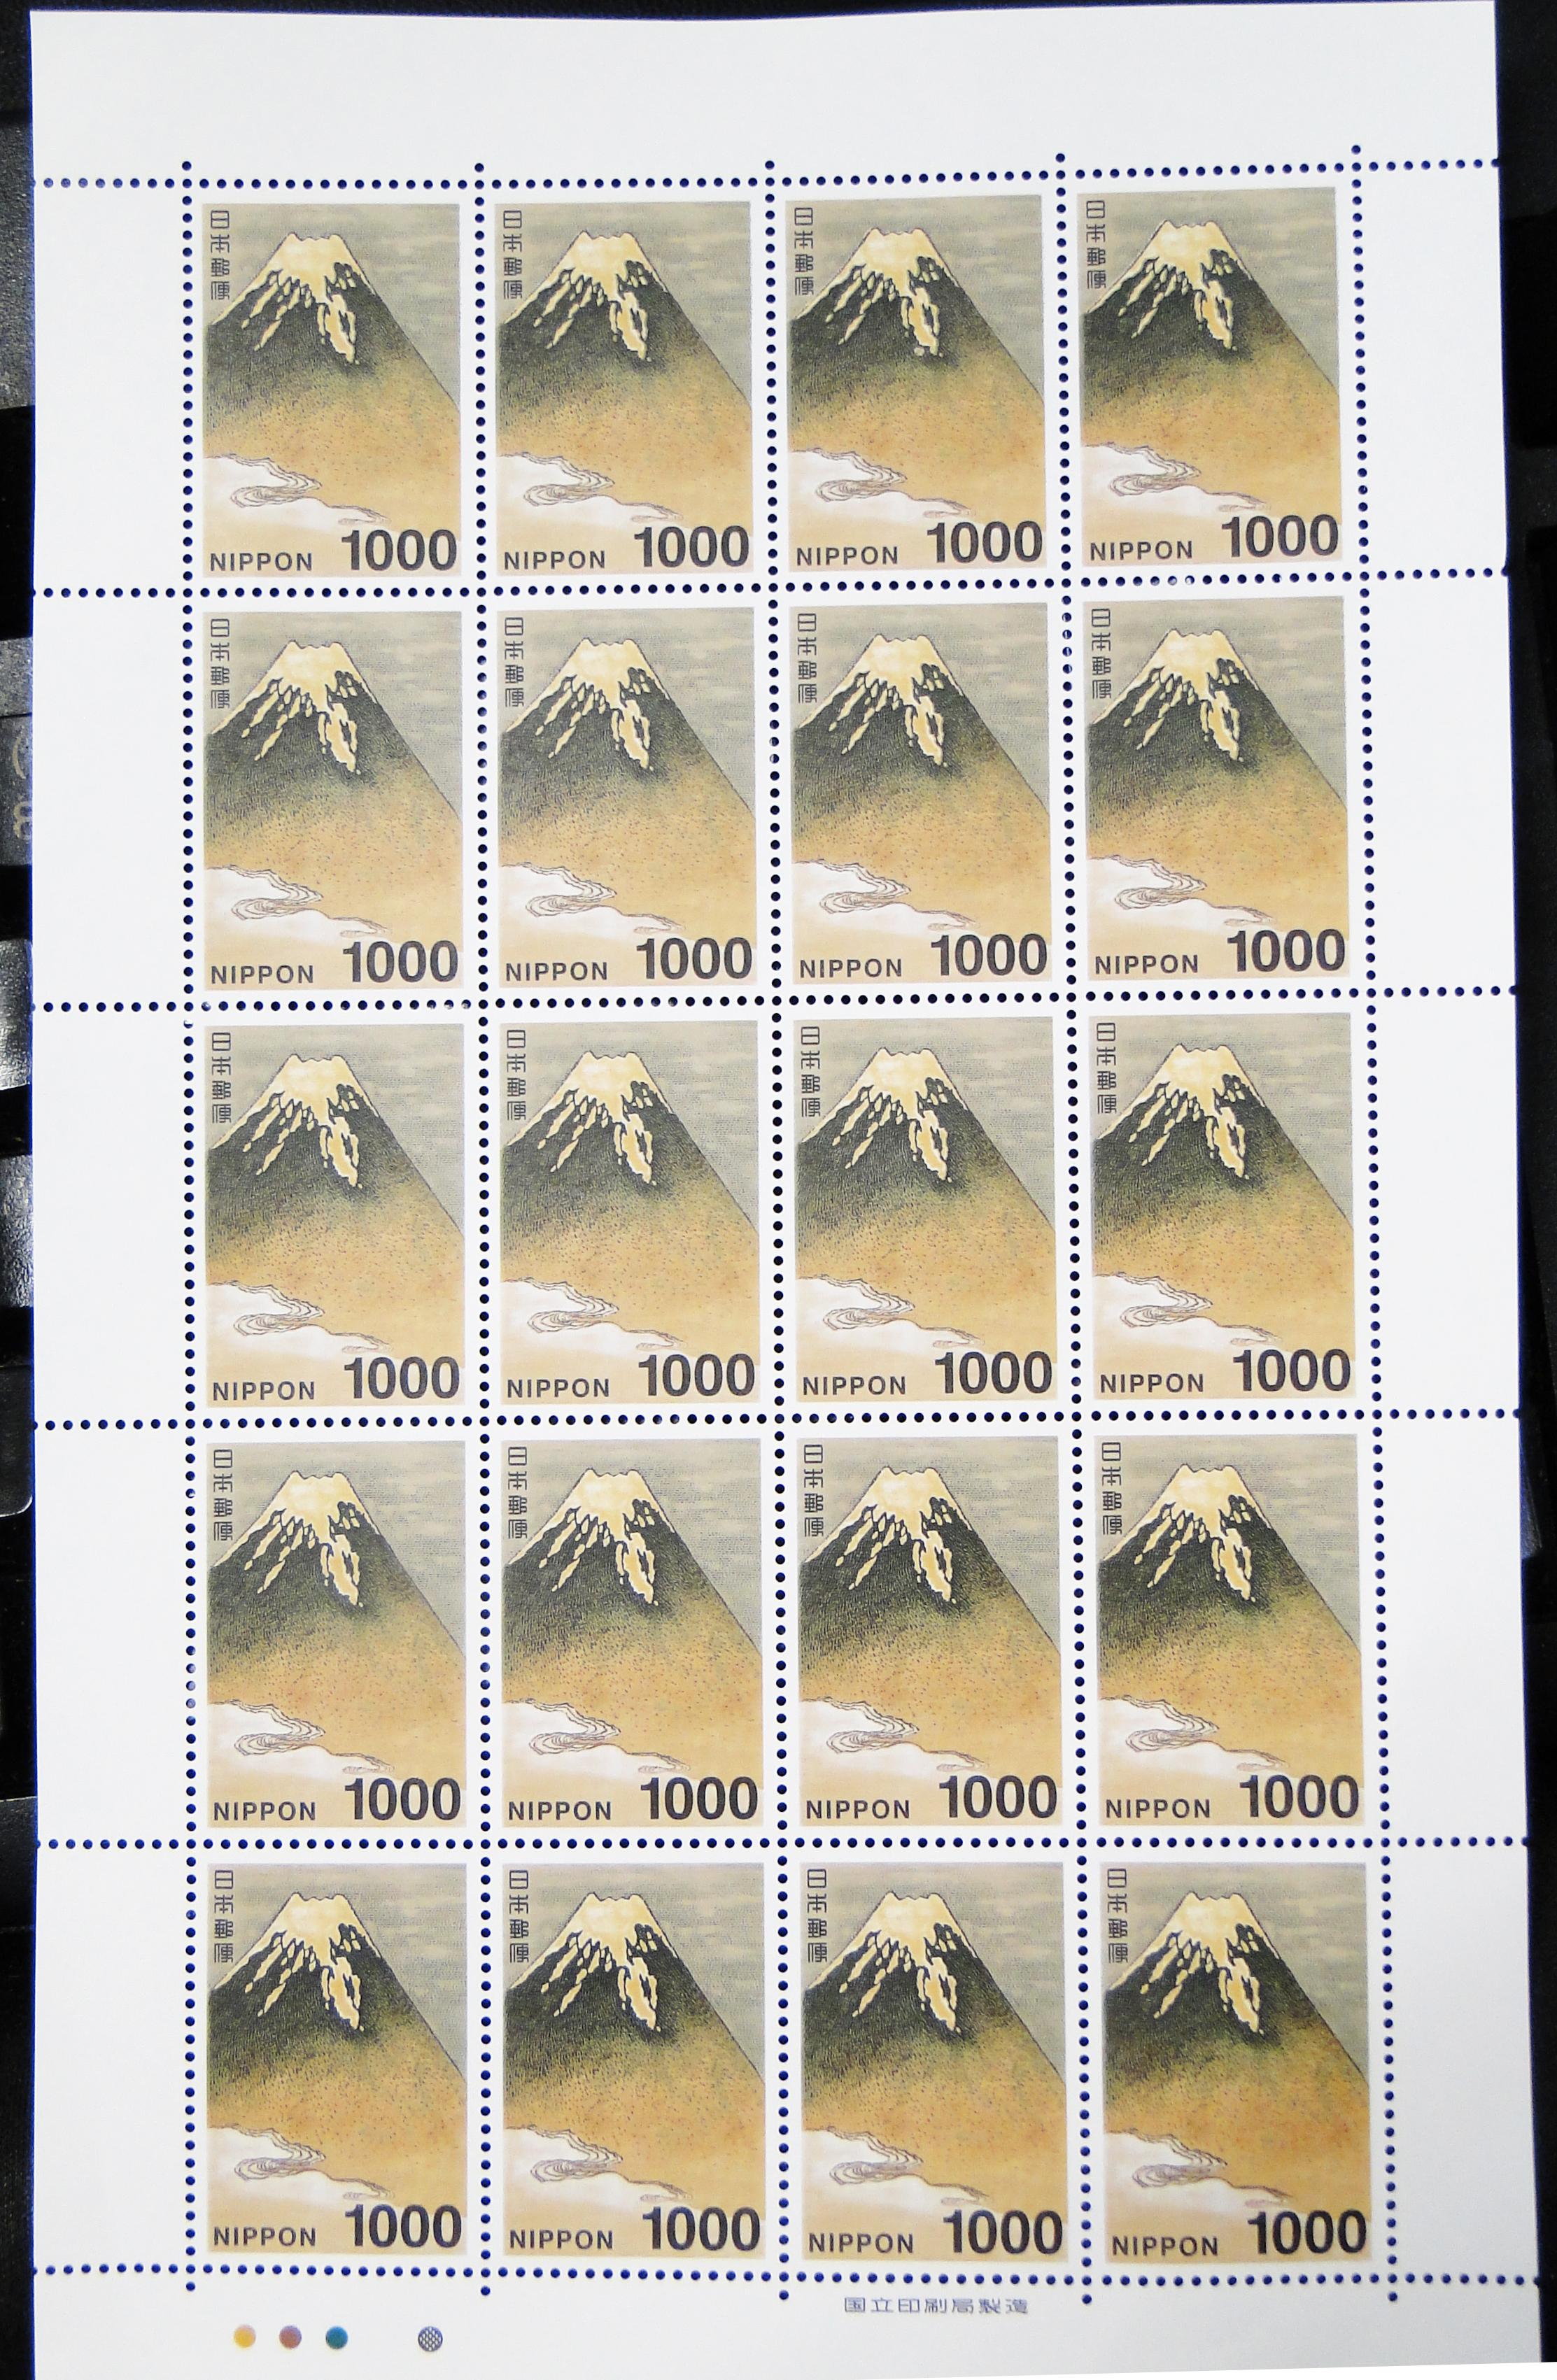 1000円 切手シート 買取